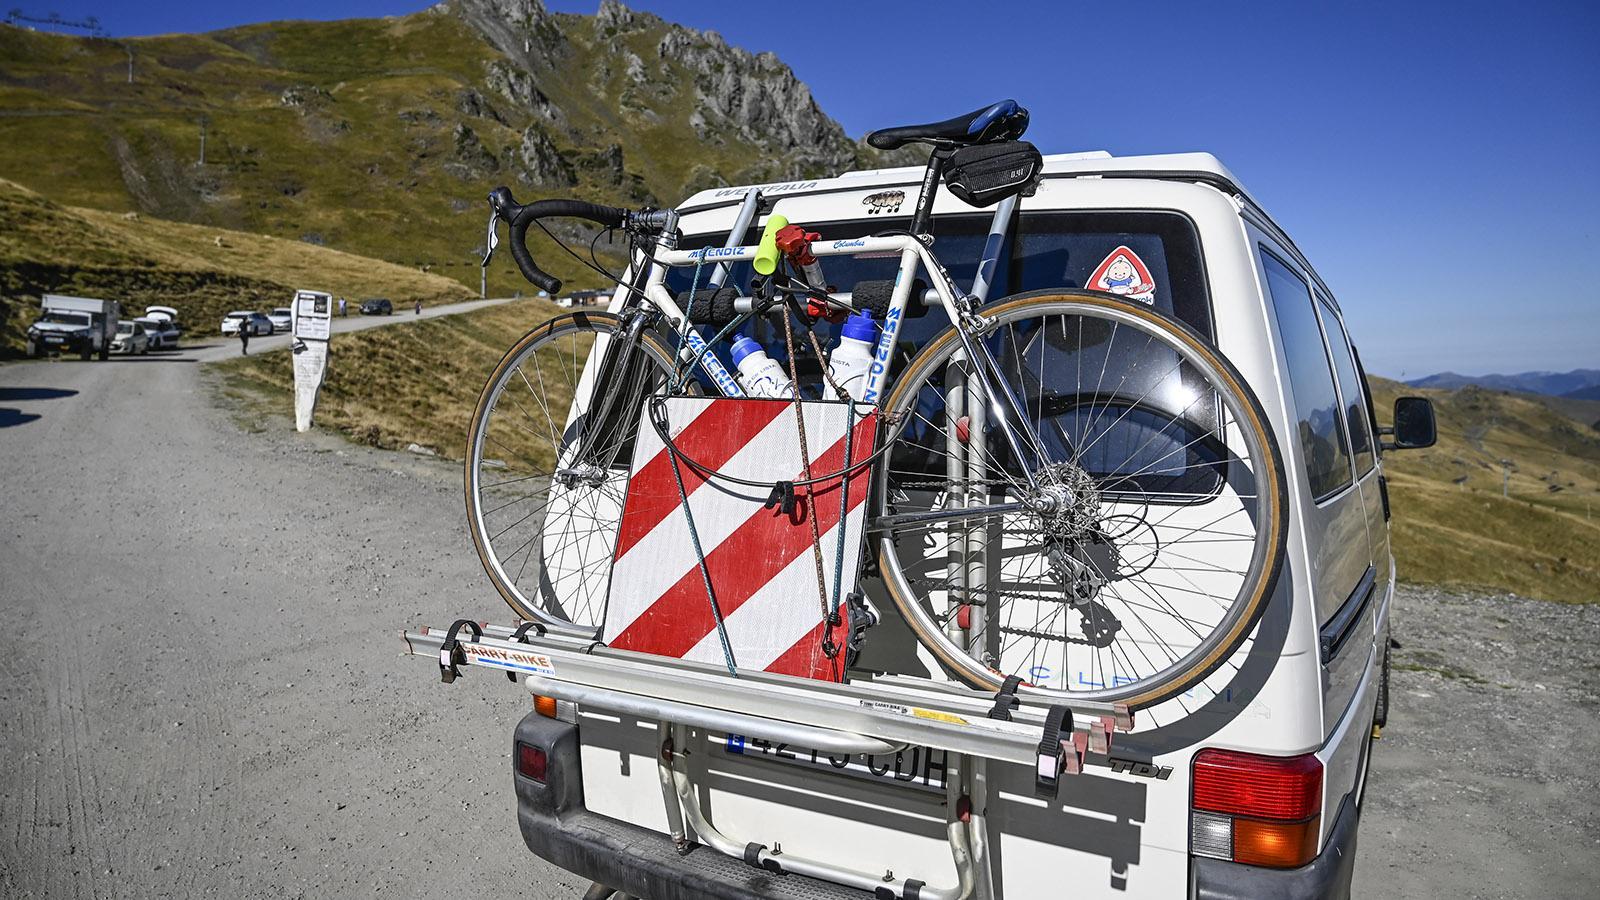 Im Sommer sind Rad-Amateure aus ganz Europa am Col du Tourmalet ud Col d'Aspin unterwegs und messen sich am Berg. Foto: Hilke Maunder